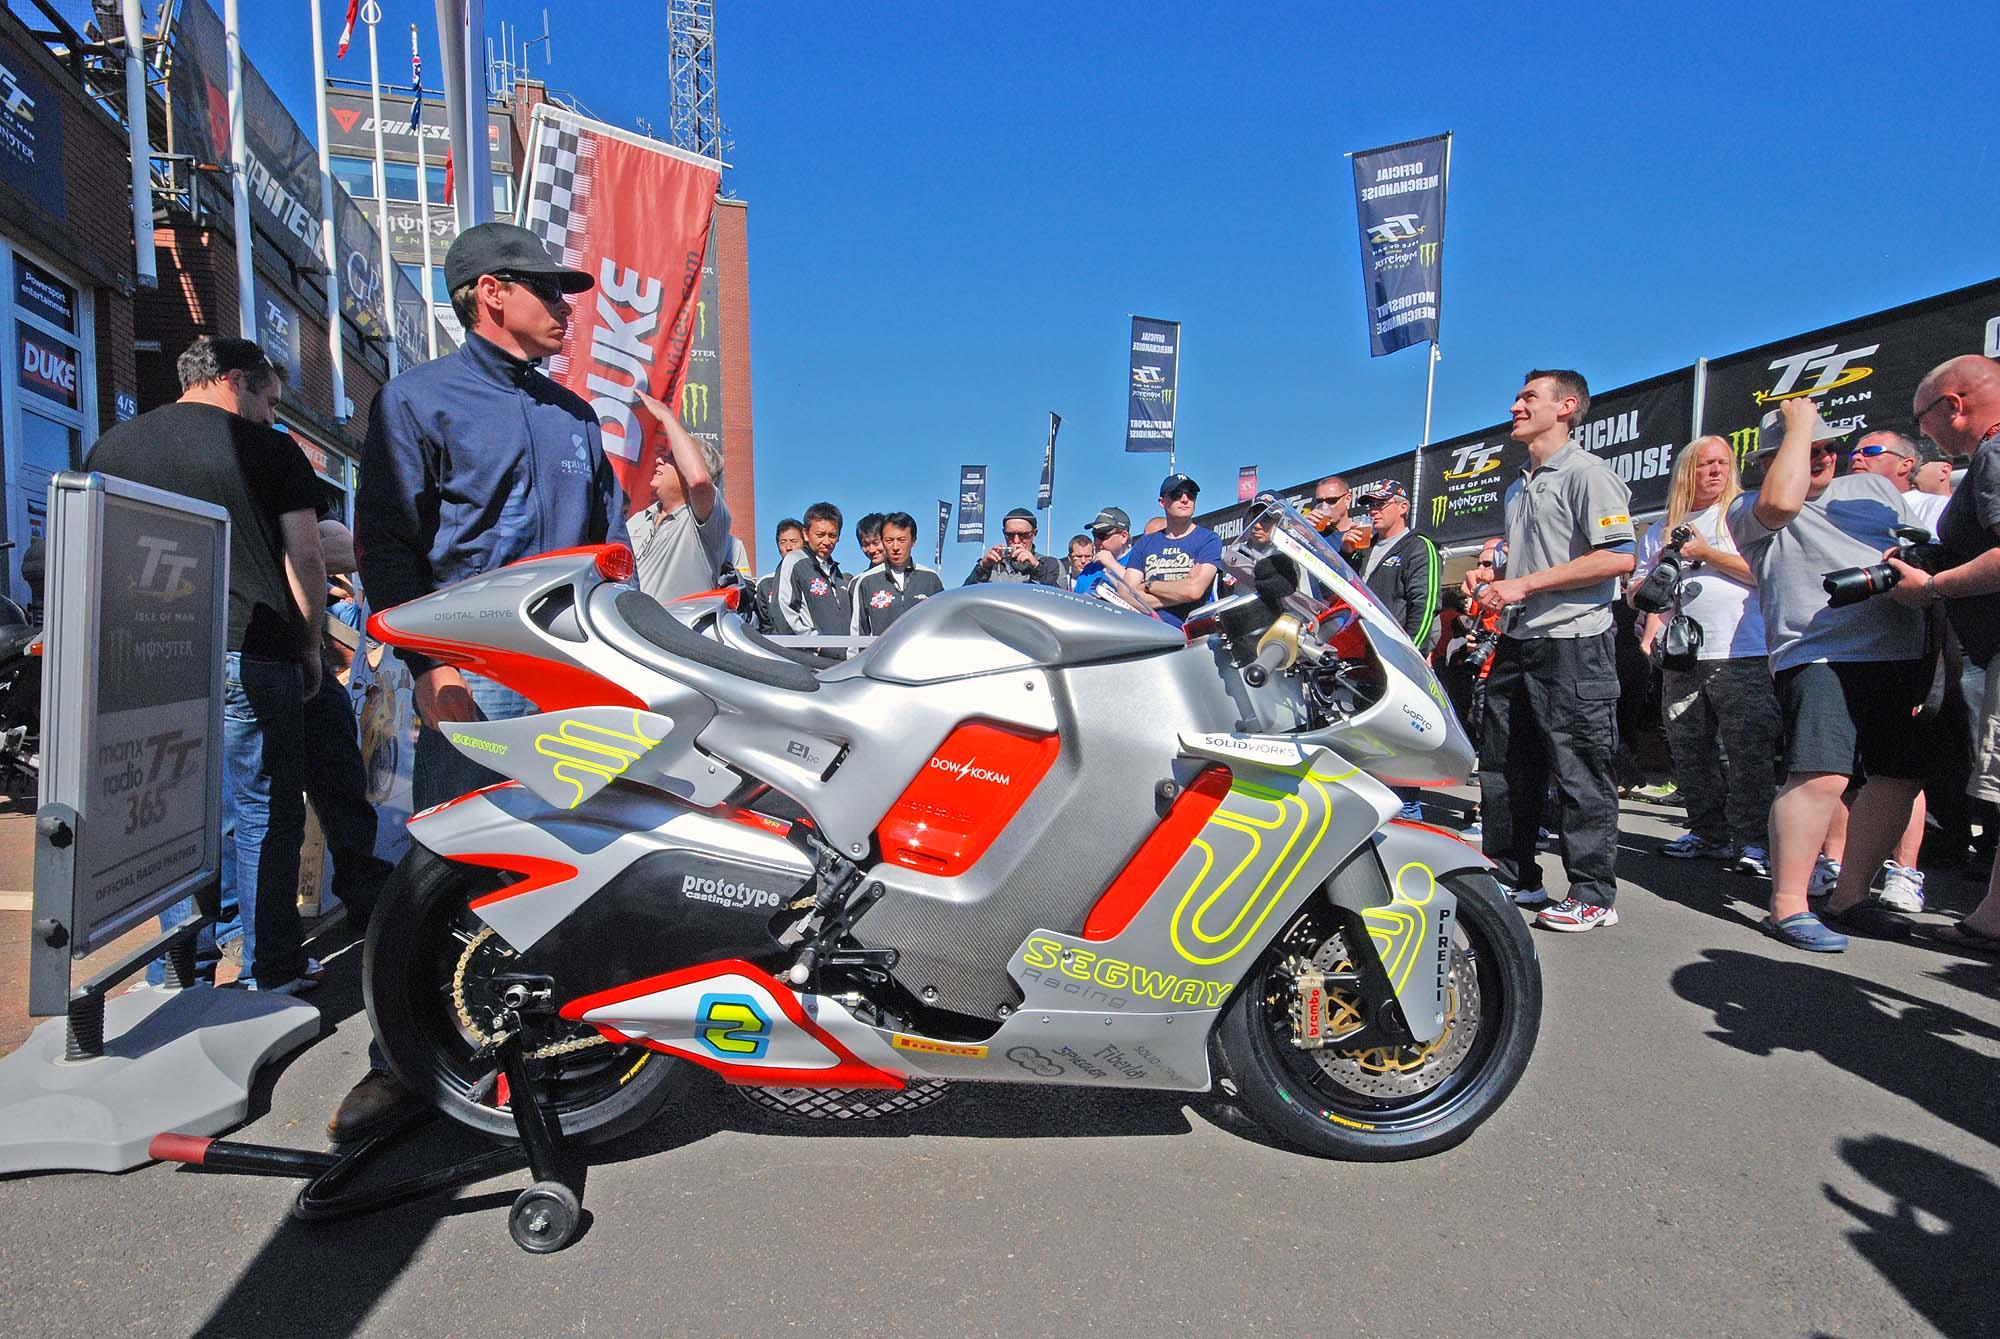 TT Ile de Man 2012-motoczysz-e1pc-iomtt-unveil-12